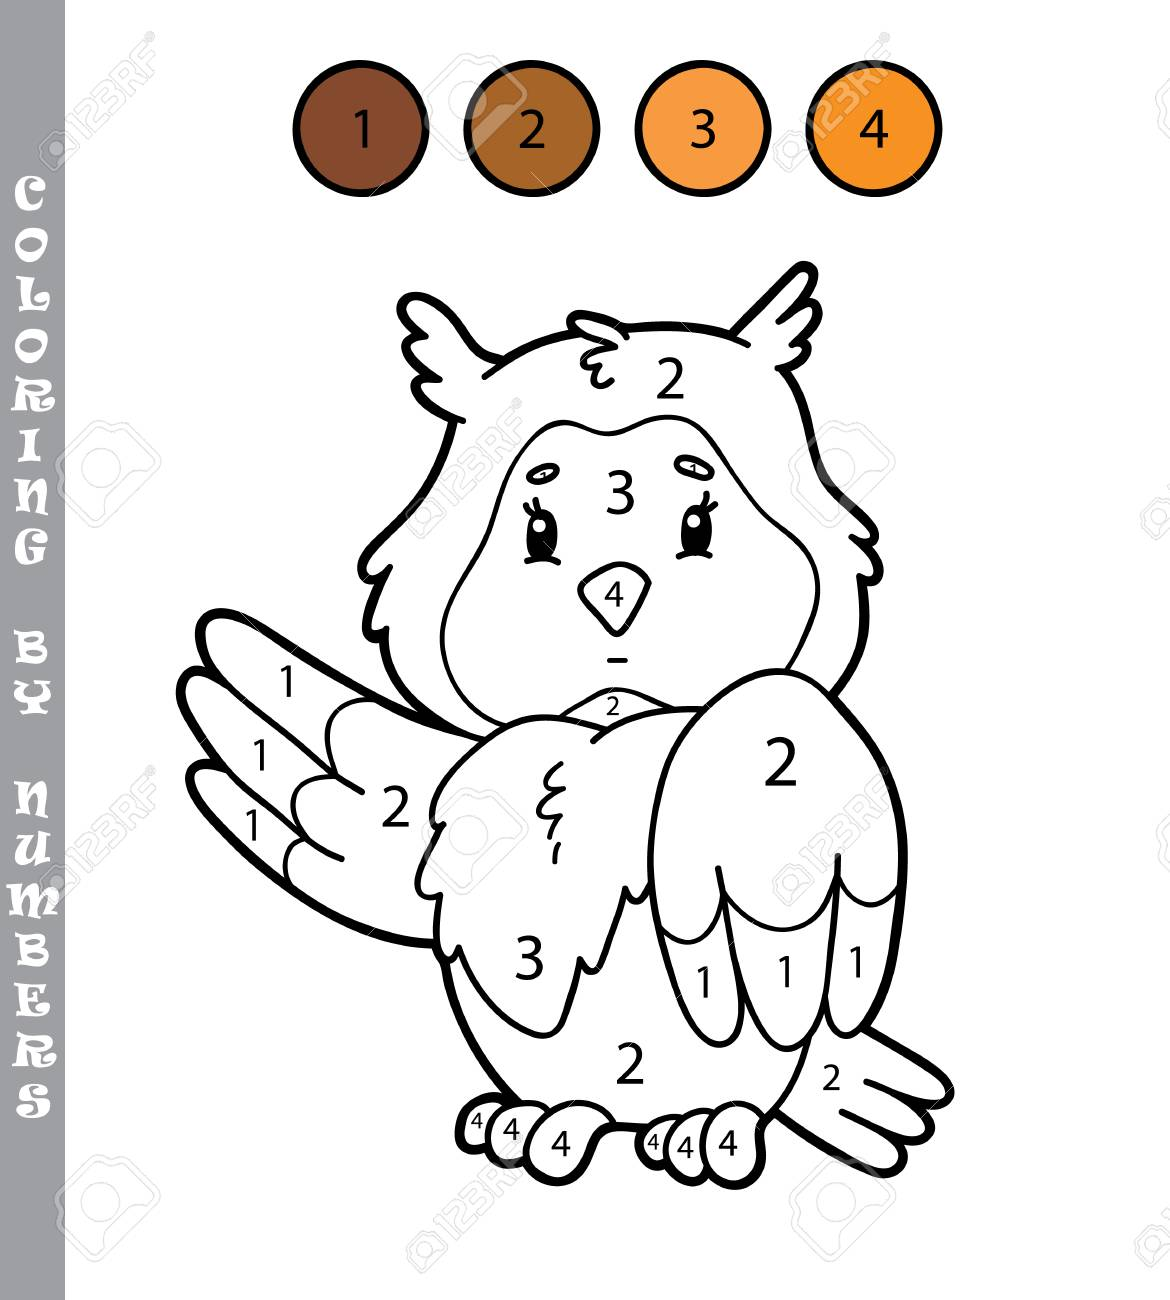 Ilustracion Vectorial Para Colorear Por Numeros Juego Educativo